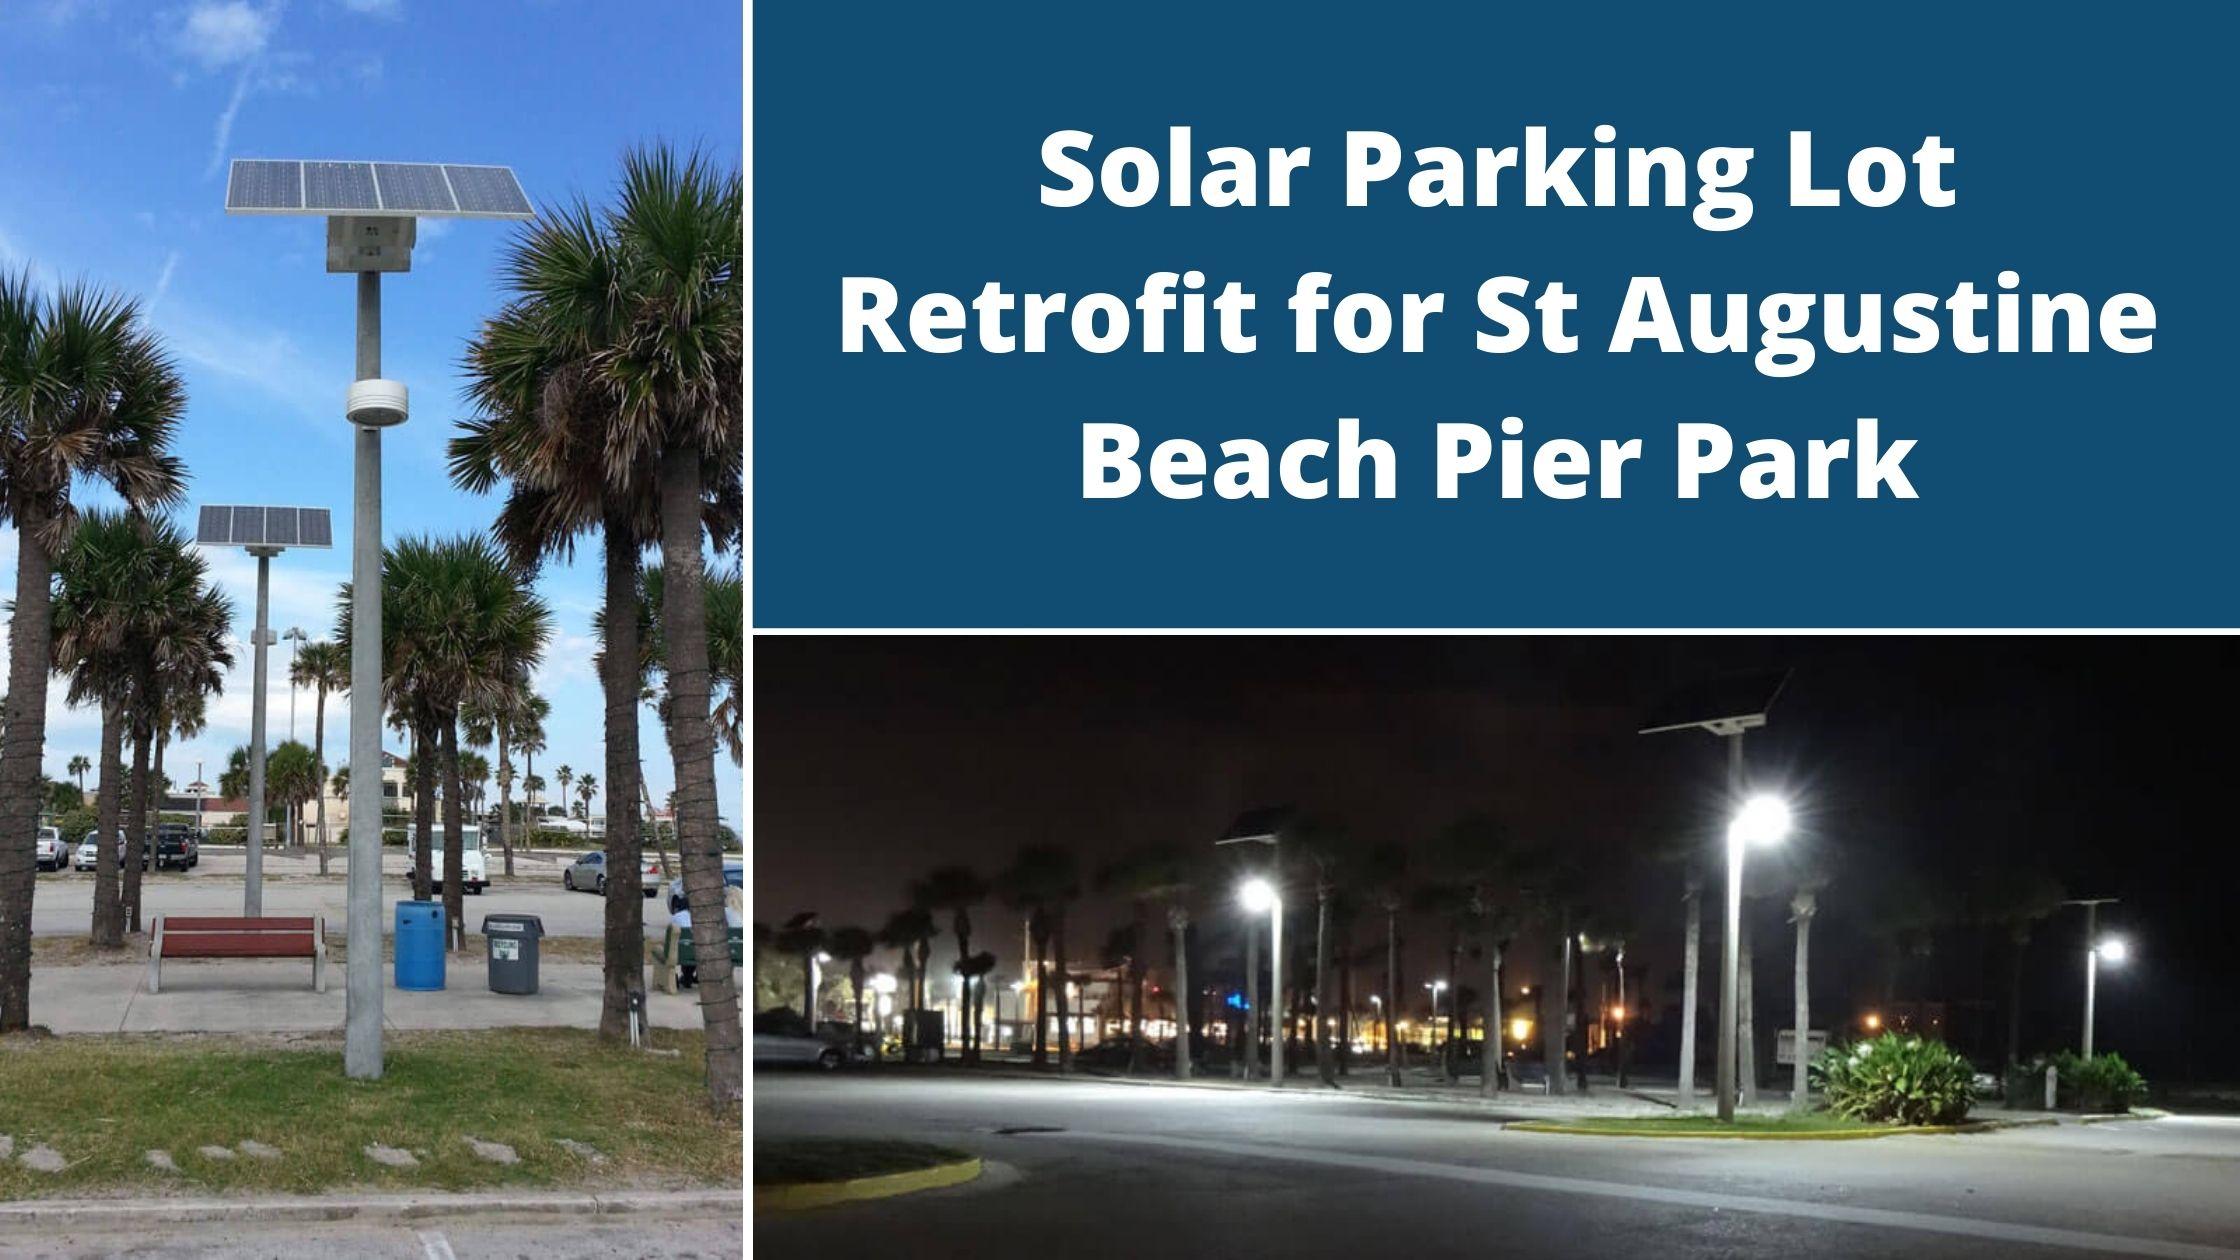 Solar Parking Lot Retrofit for St Augustine Beach Pier Park